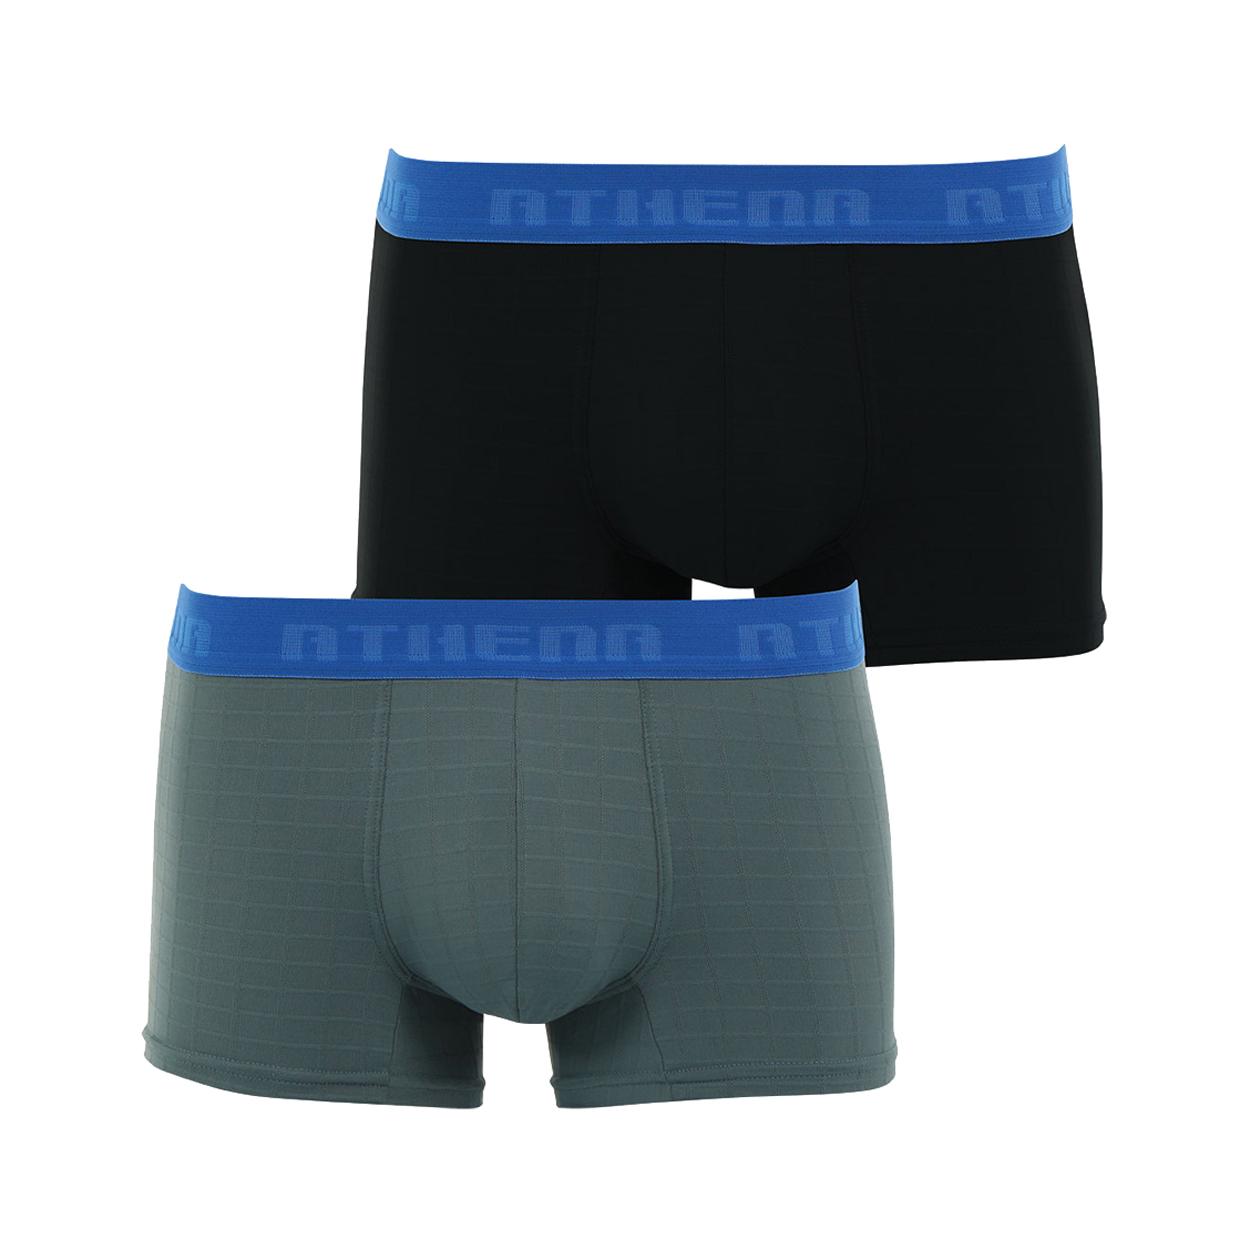 Lot de 2 boxers  en microfibre : 1 modèle gris anthracite et 1 modèle noir, effet quadrillé en relief